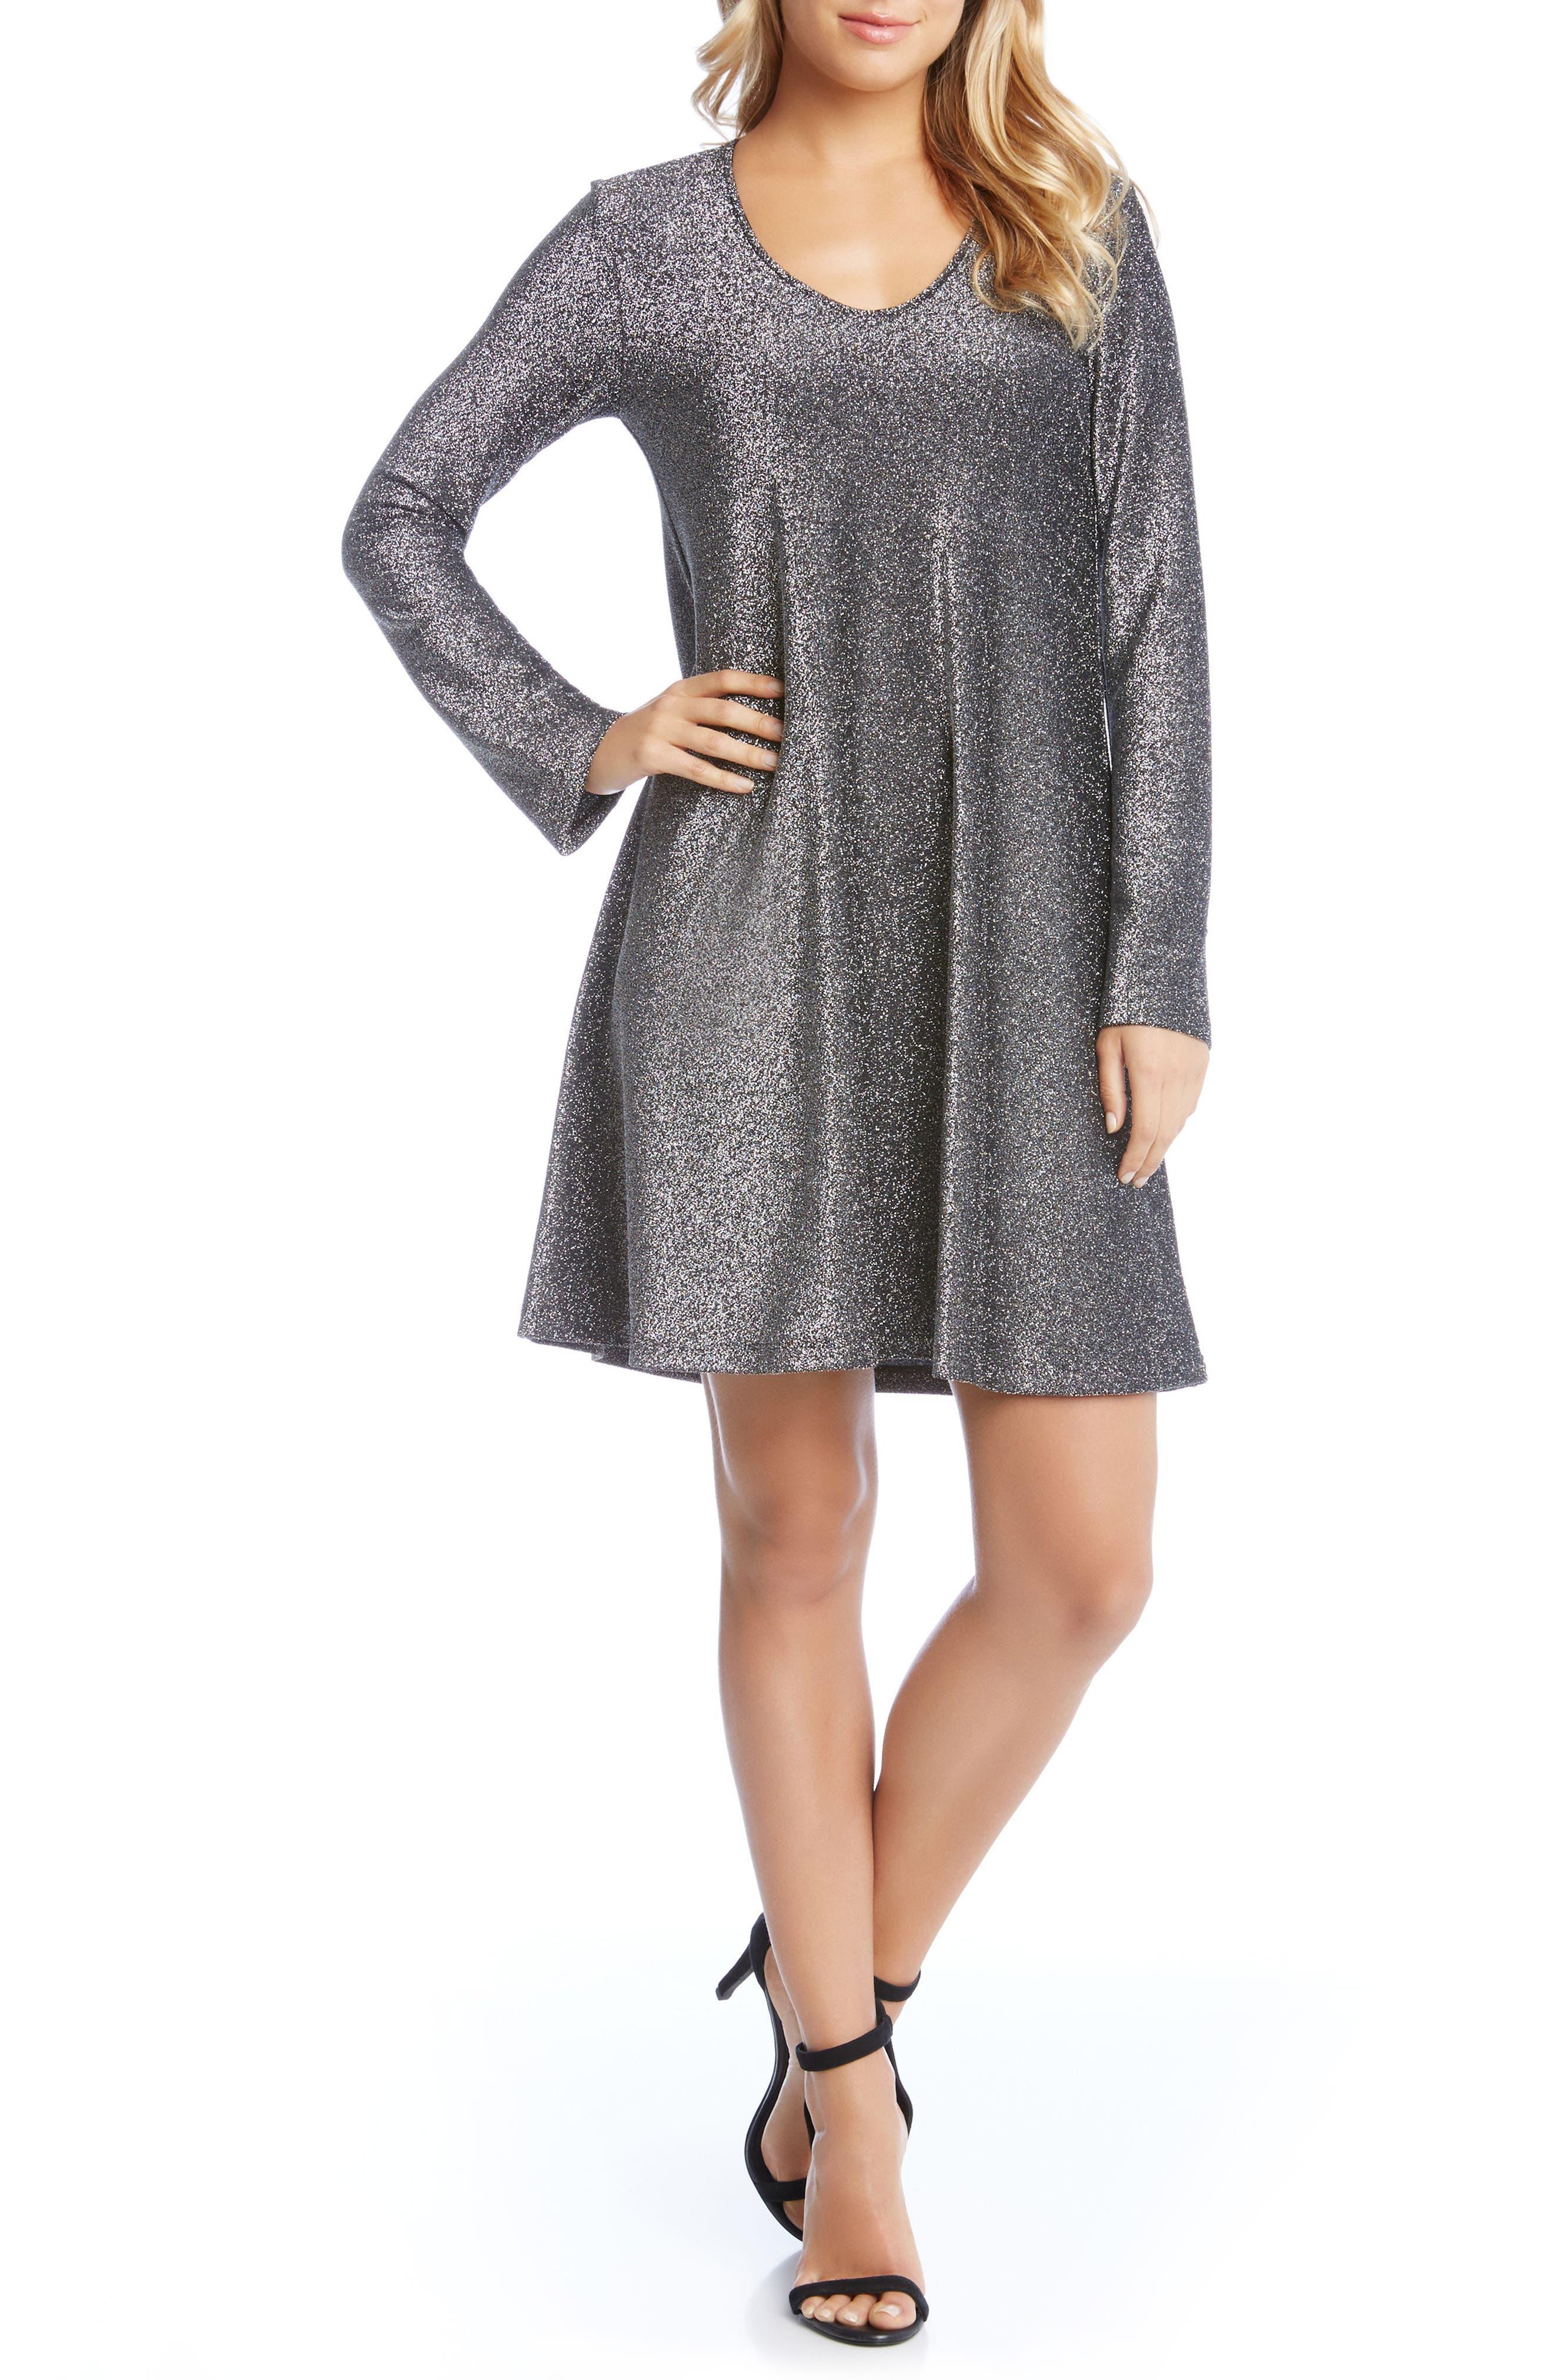 Taylor Sparkle A-Line Dress,                             Alternate thumbnail 4, color,                             Black W/ Silver